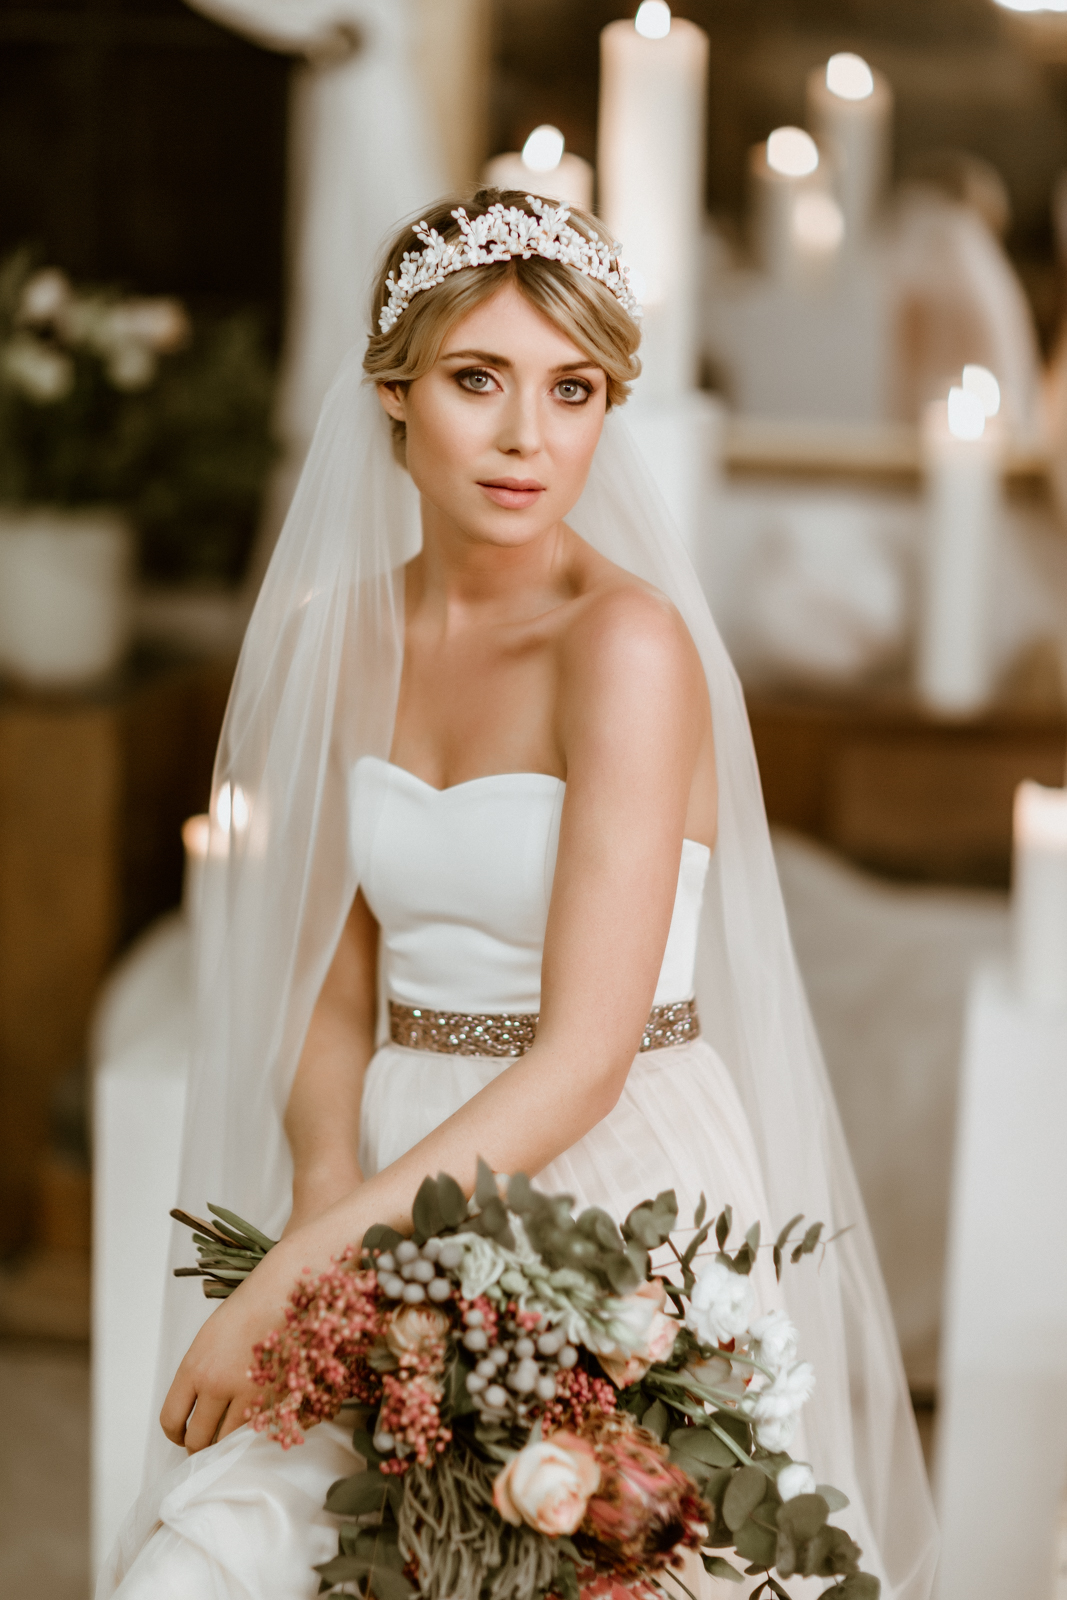 noni Brautkleider, zweiteiliges Brautkleid mit Corsage und Tüllrock in Ivory, Braut mit langem Brautschleier (Foto: Le Hai Linh)